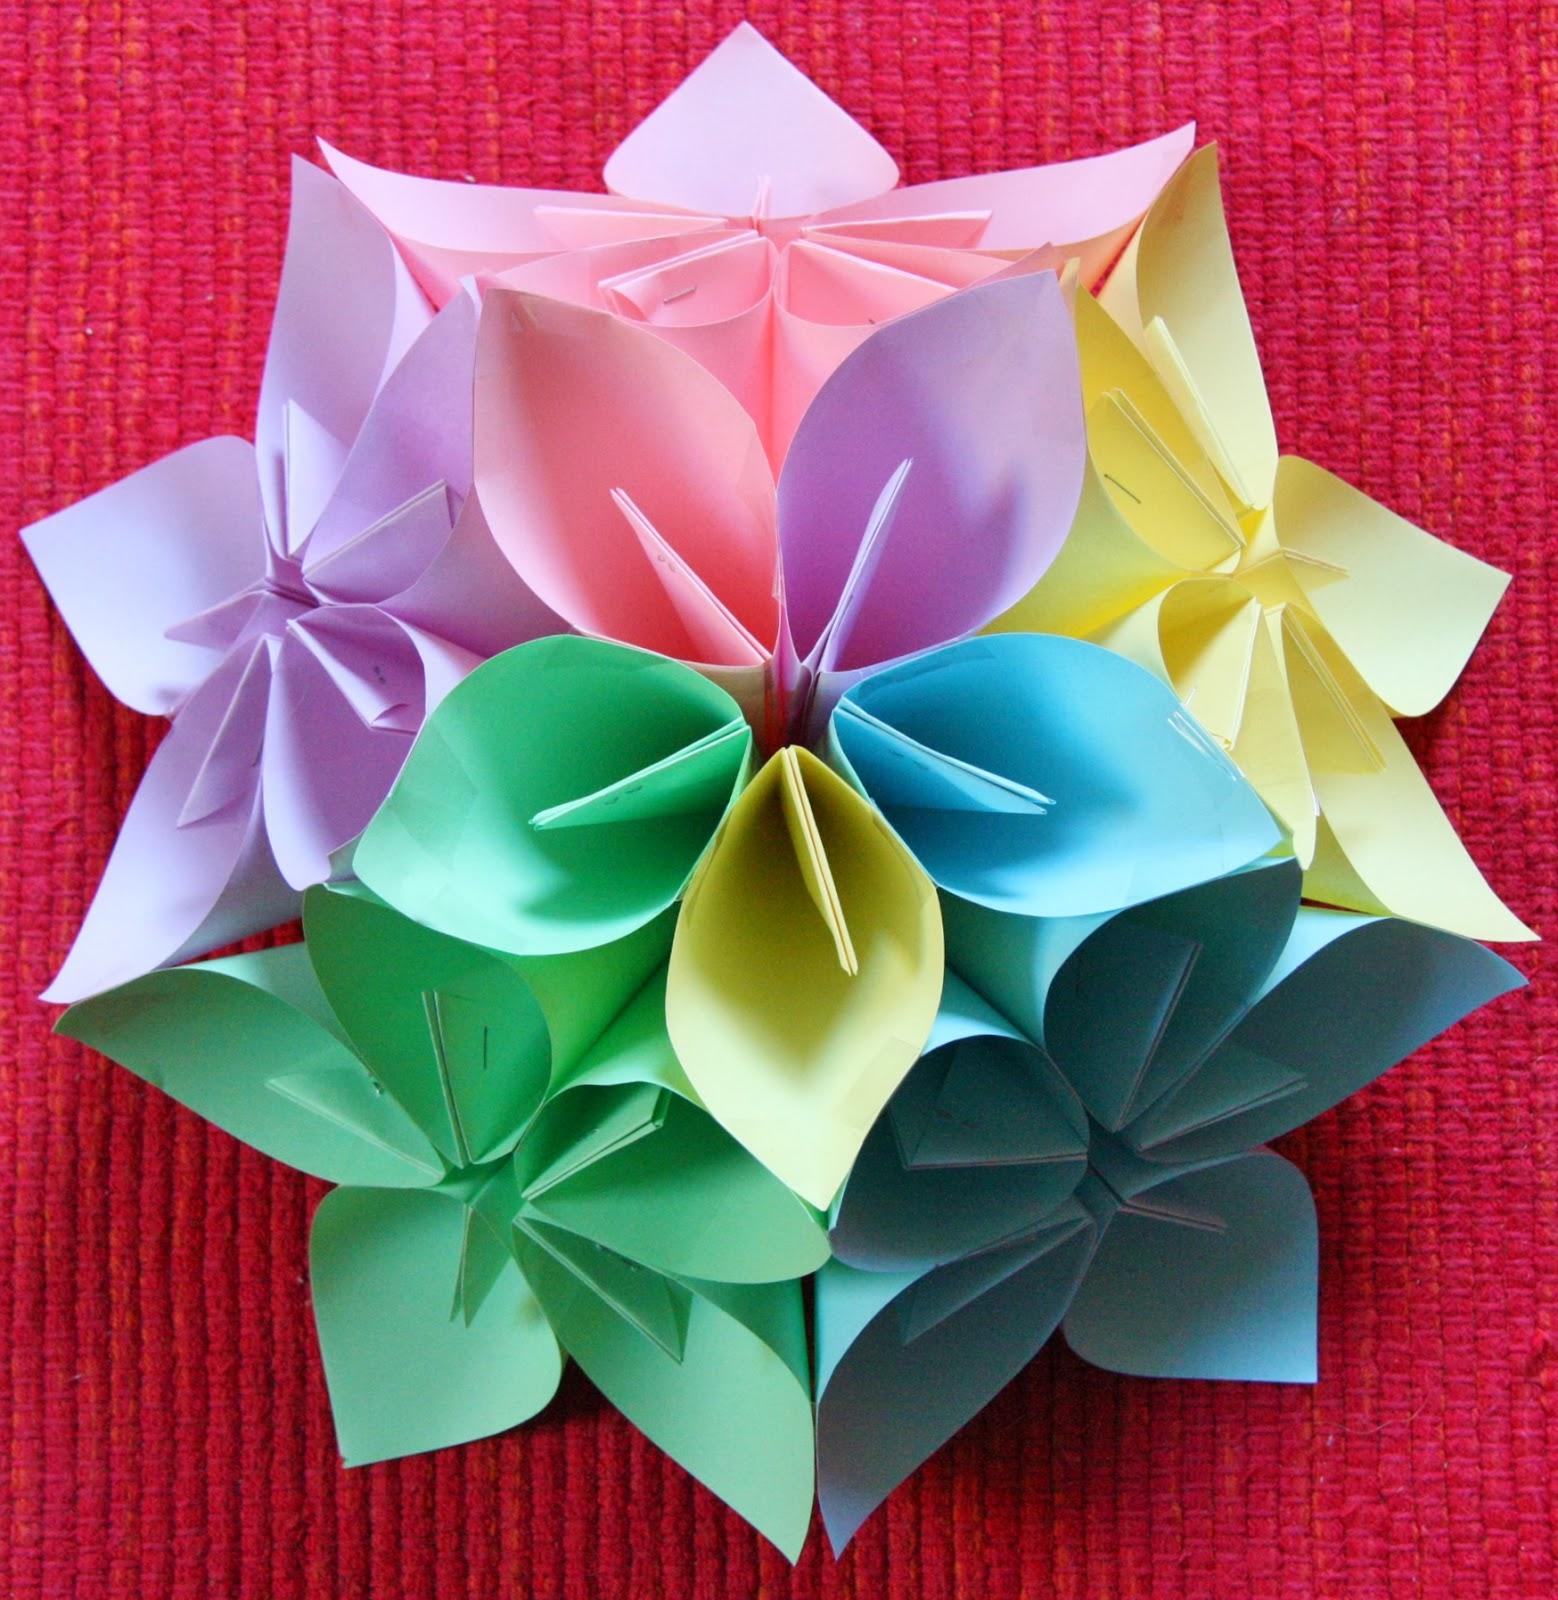 Lachiocciola bricolage educativi ancora fiori di carta for Fiori semplici